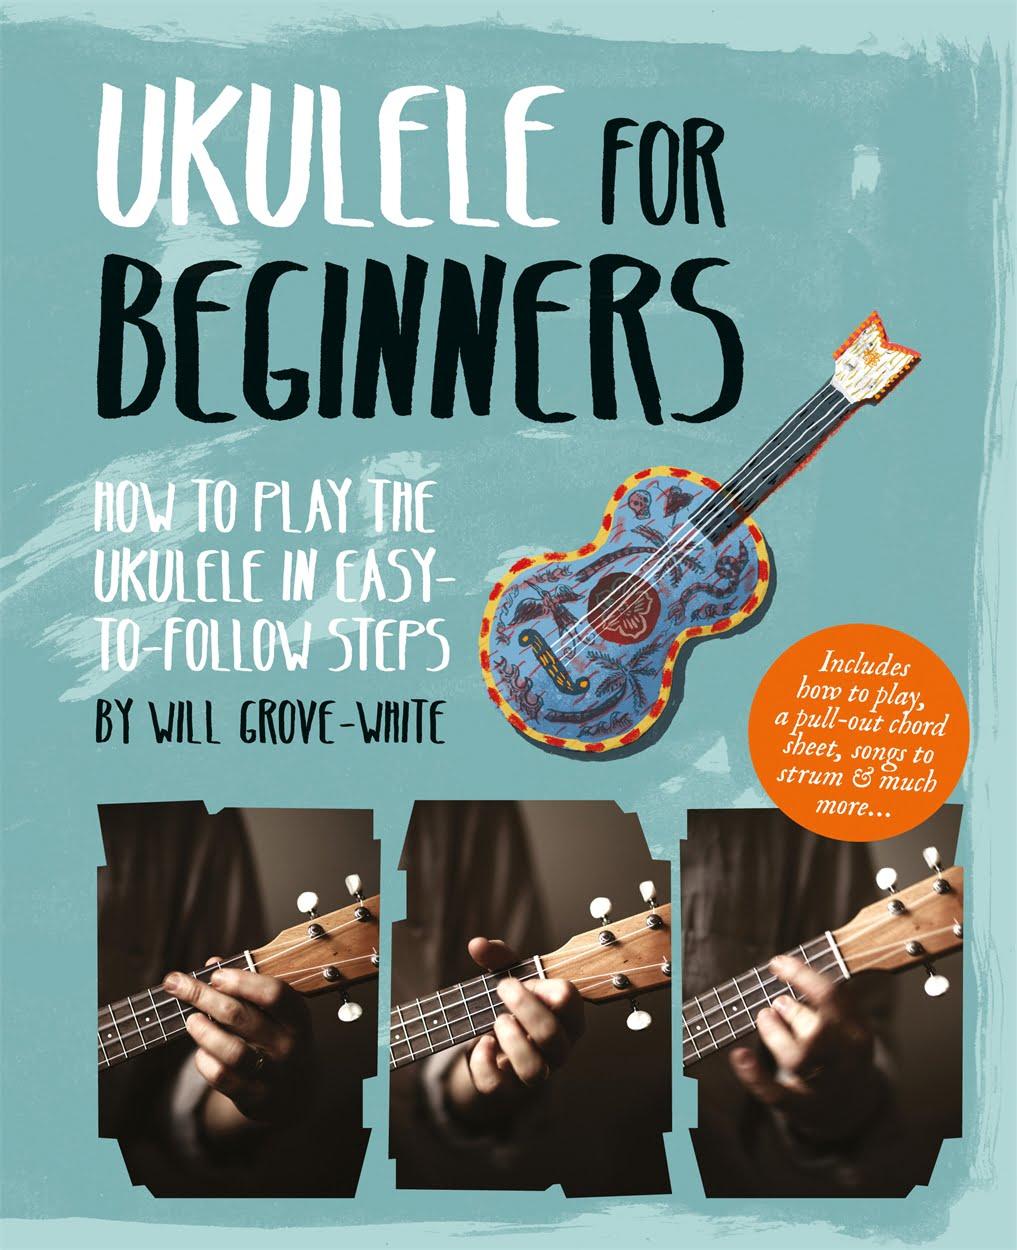 d5b1cffda9 Ukulele For Beginners - Will Grove-White